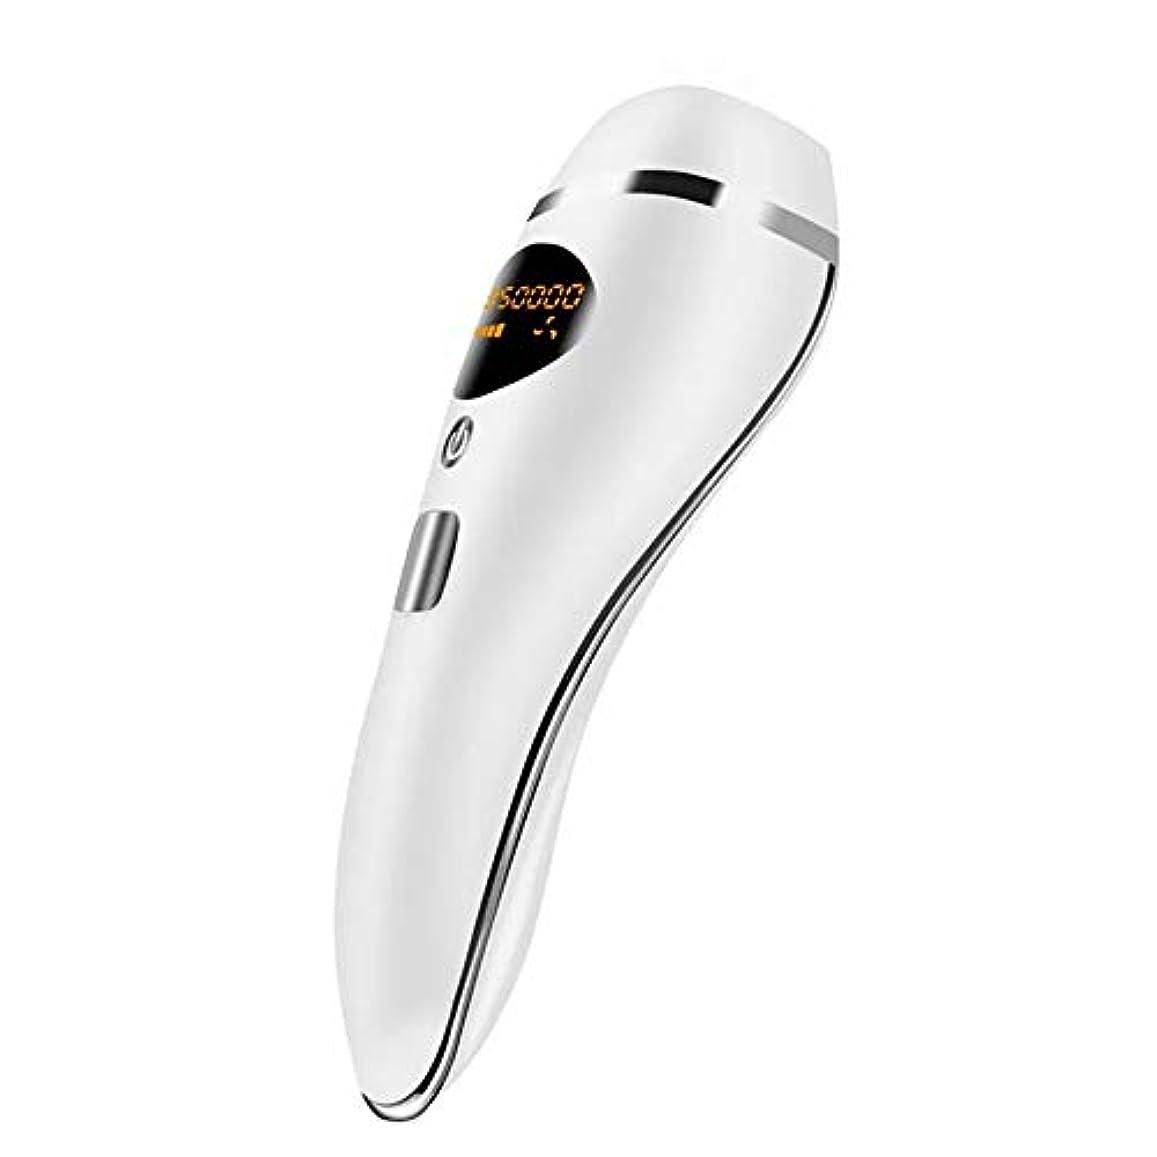 ひねりワンダーインフラIPL脱毛システムライト脱毛器、600000回の点滅美容デバイスは、長期的な毛の成長を軽減します-5つの強度レベル,白